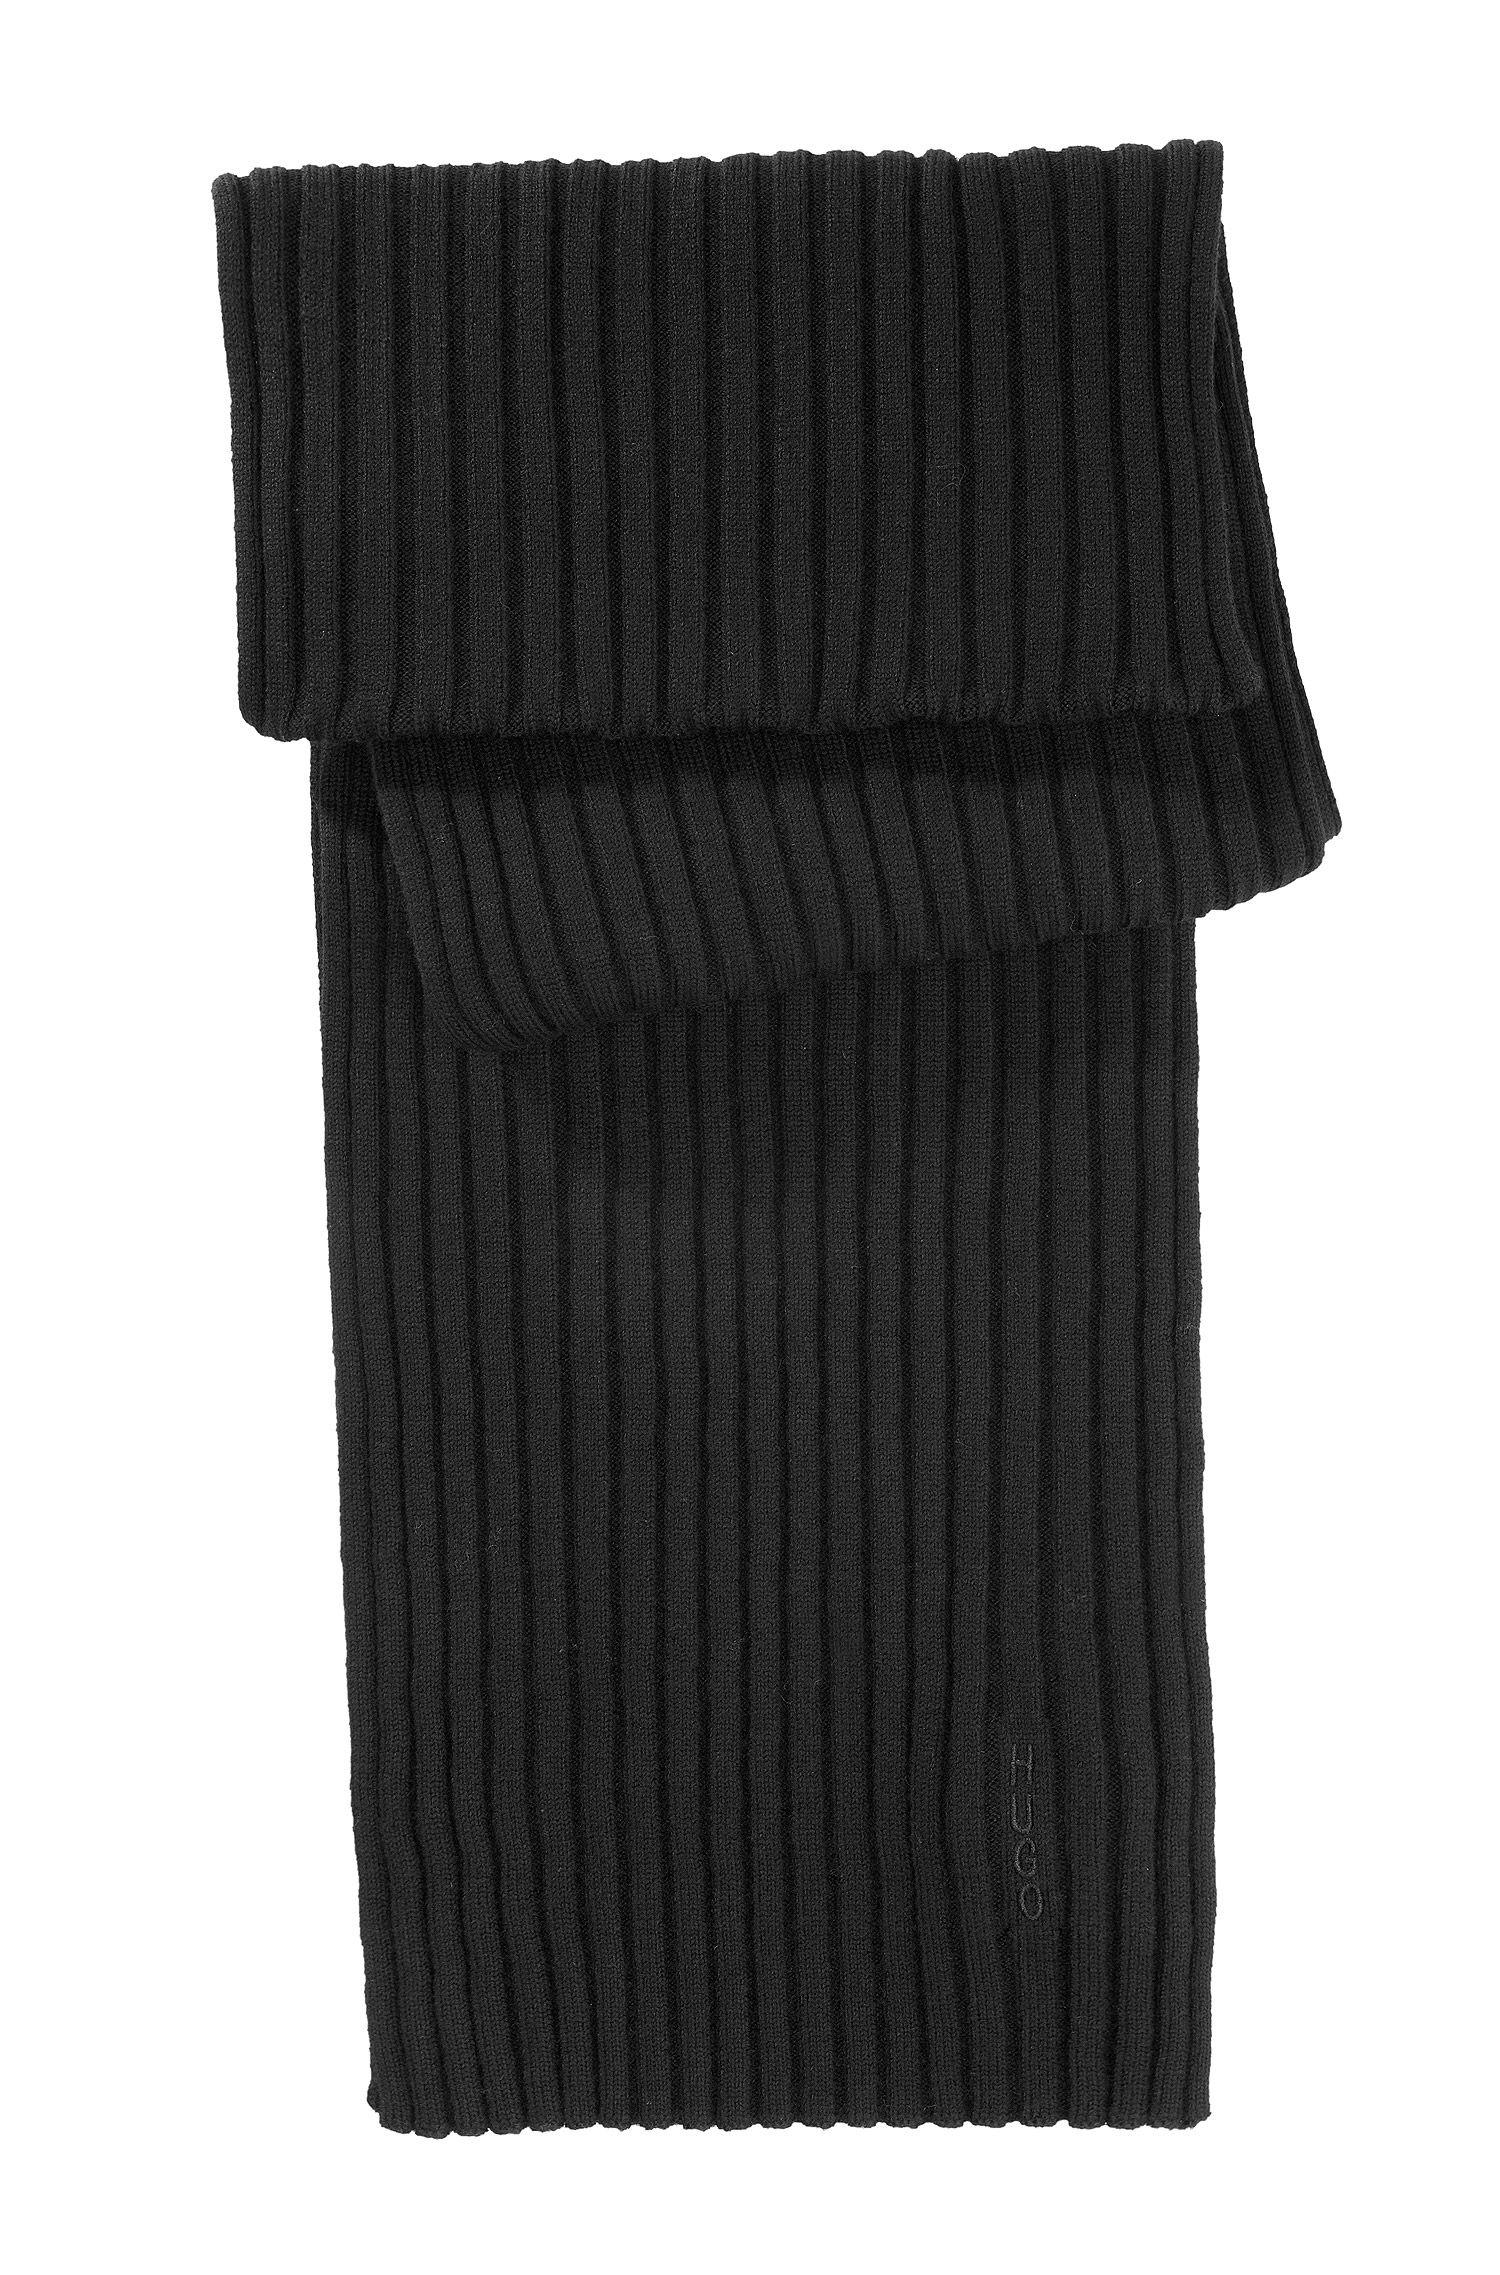 Schal ´Zapo_1` aus Schurwolle in Feinstrick, Schwarz